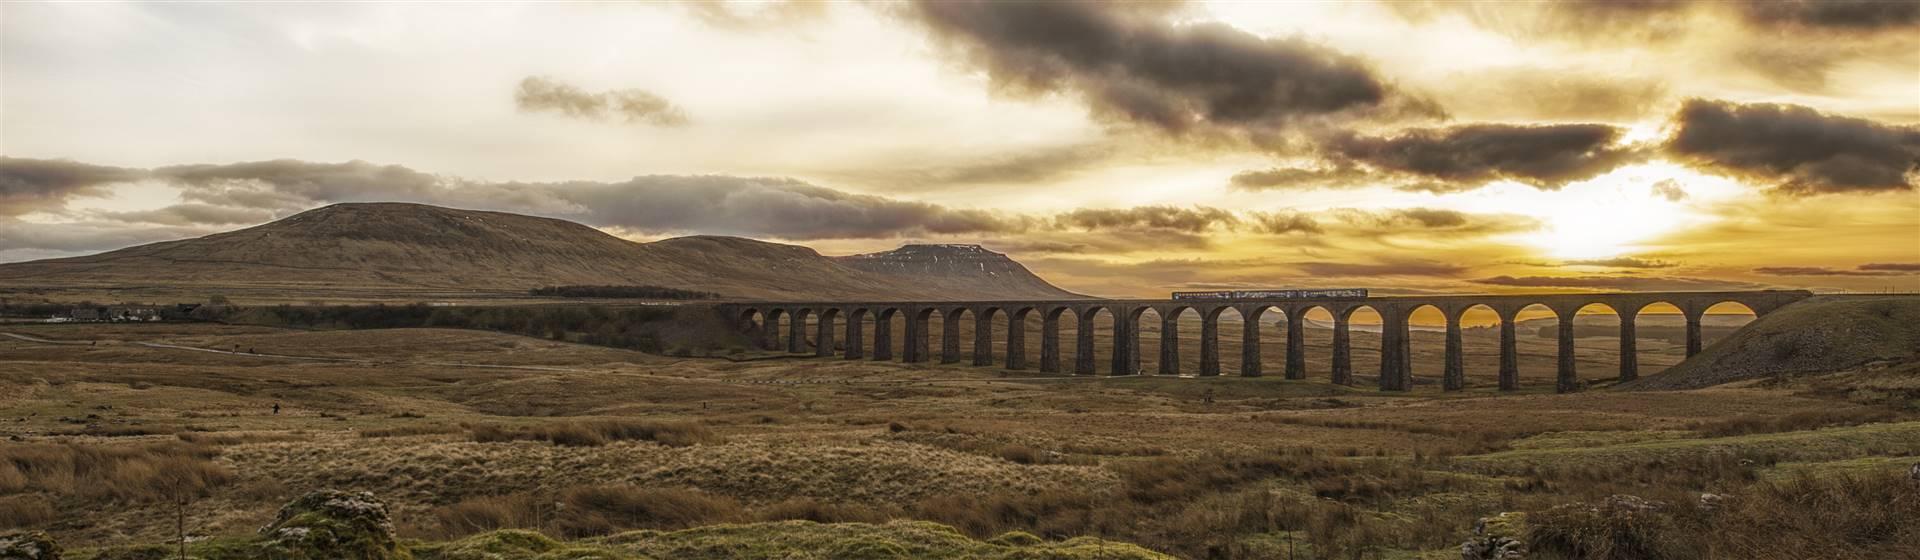 Settle to Carlisle Railway Weekend